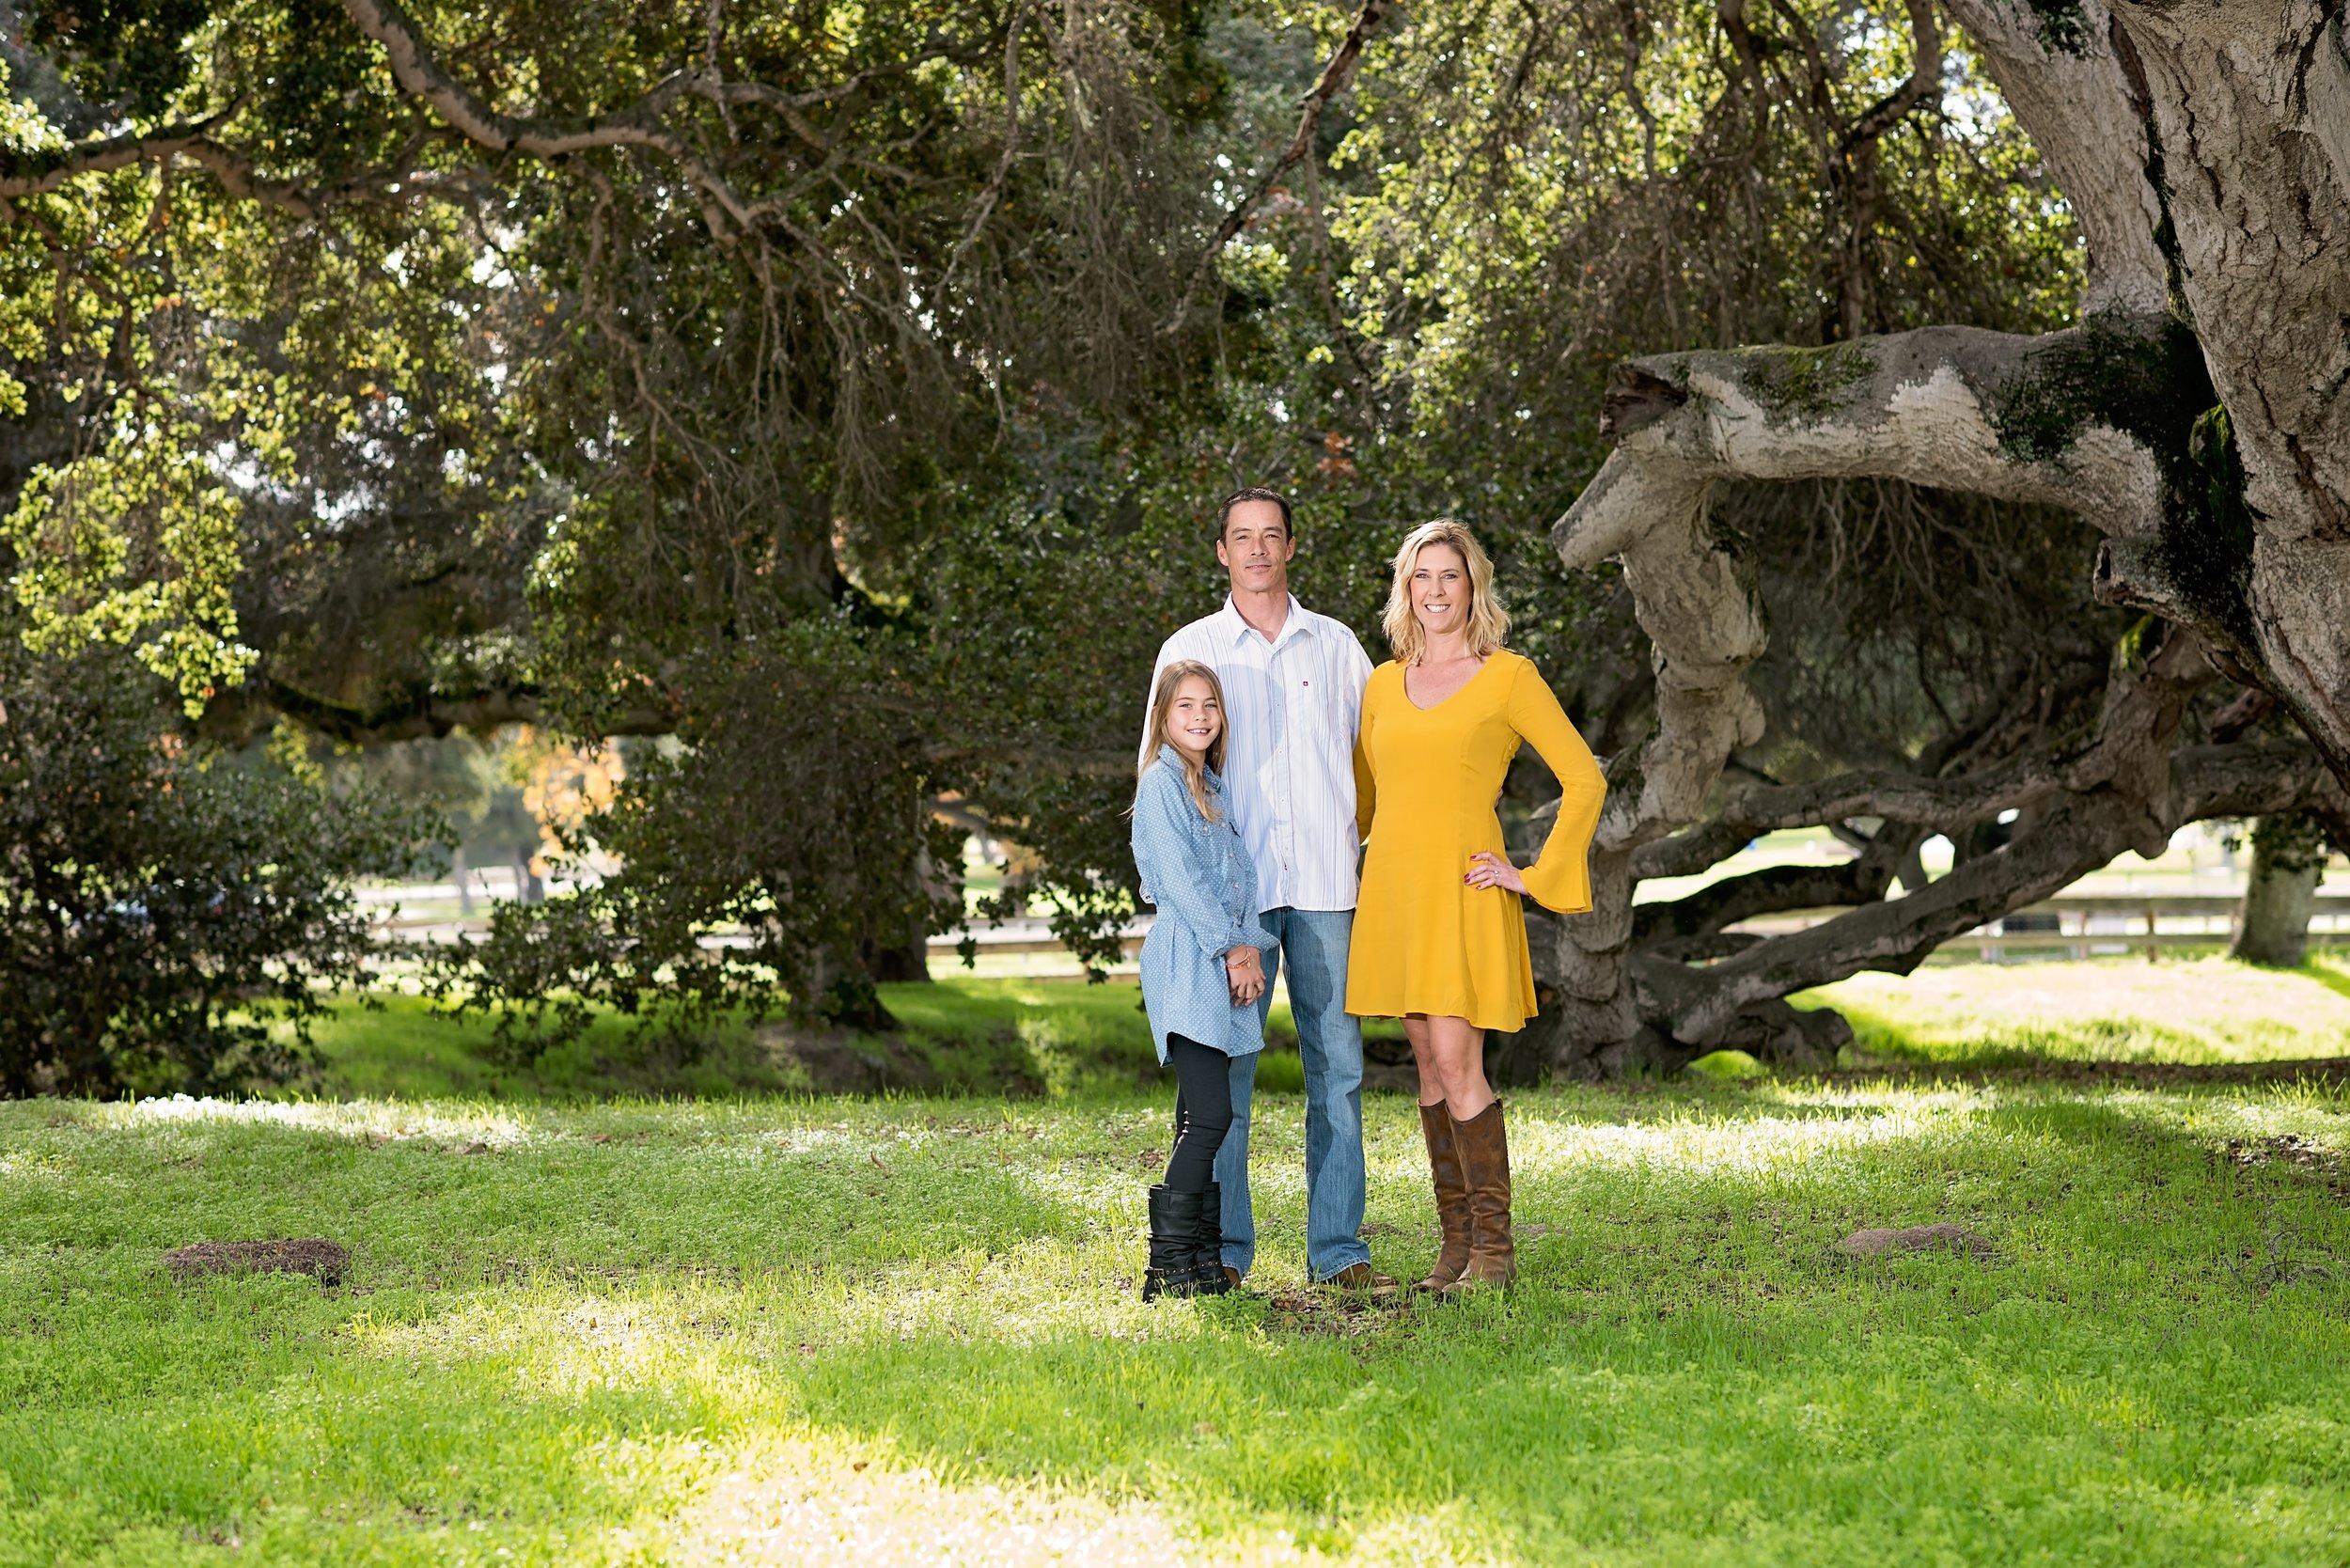 Toro Park Family Photo